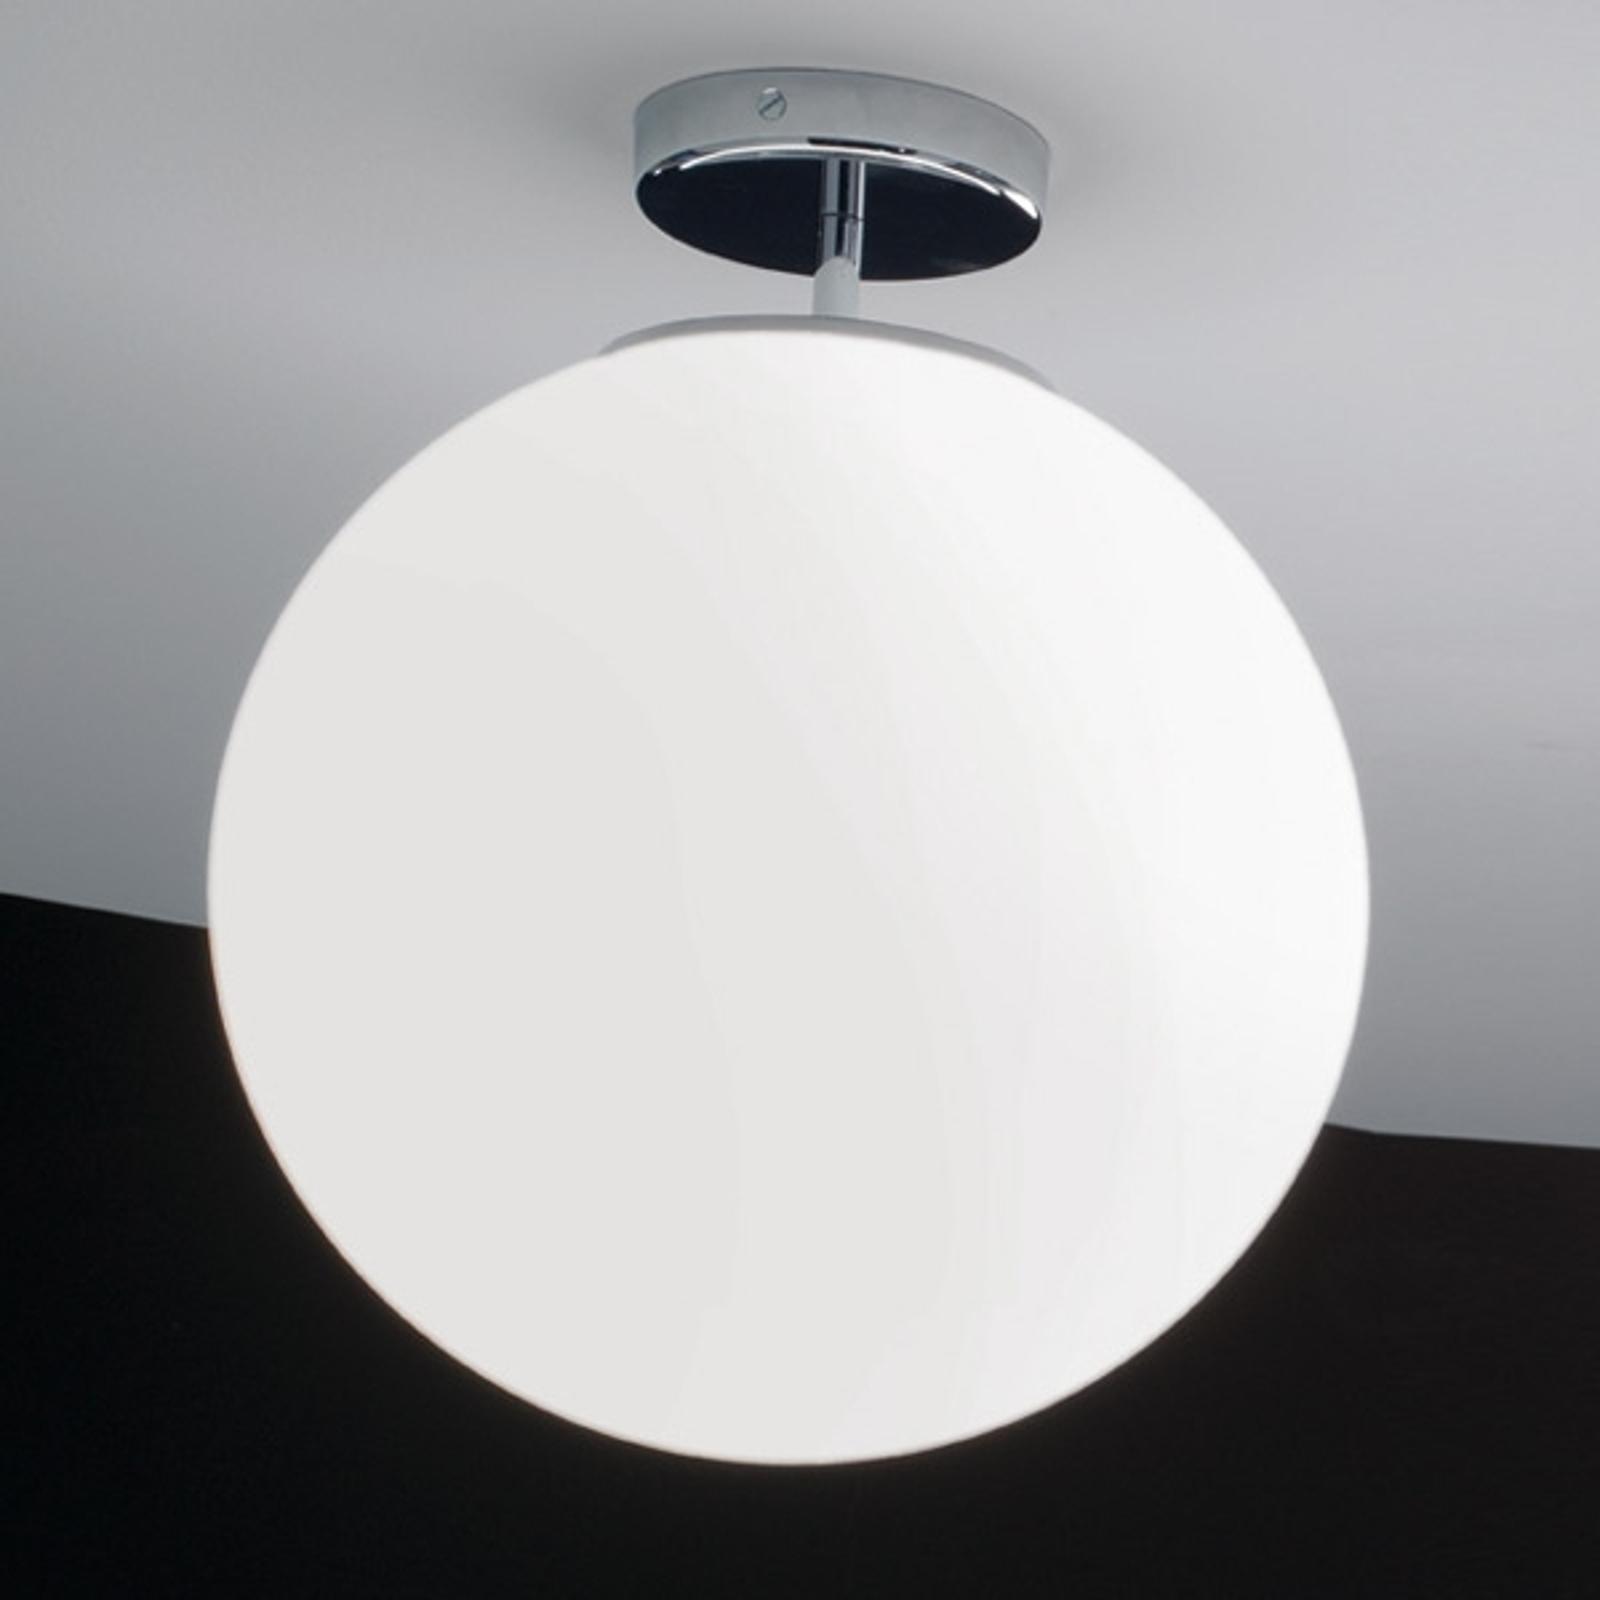 Szklana lampa sufitowa Sferis 40 cm chromowana